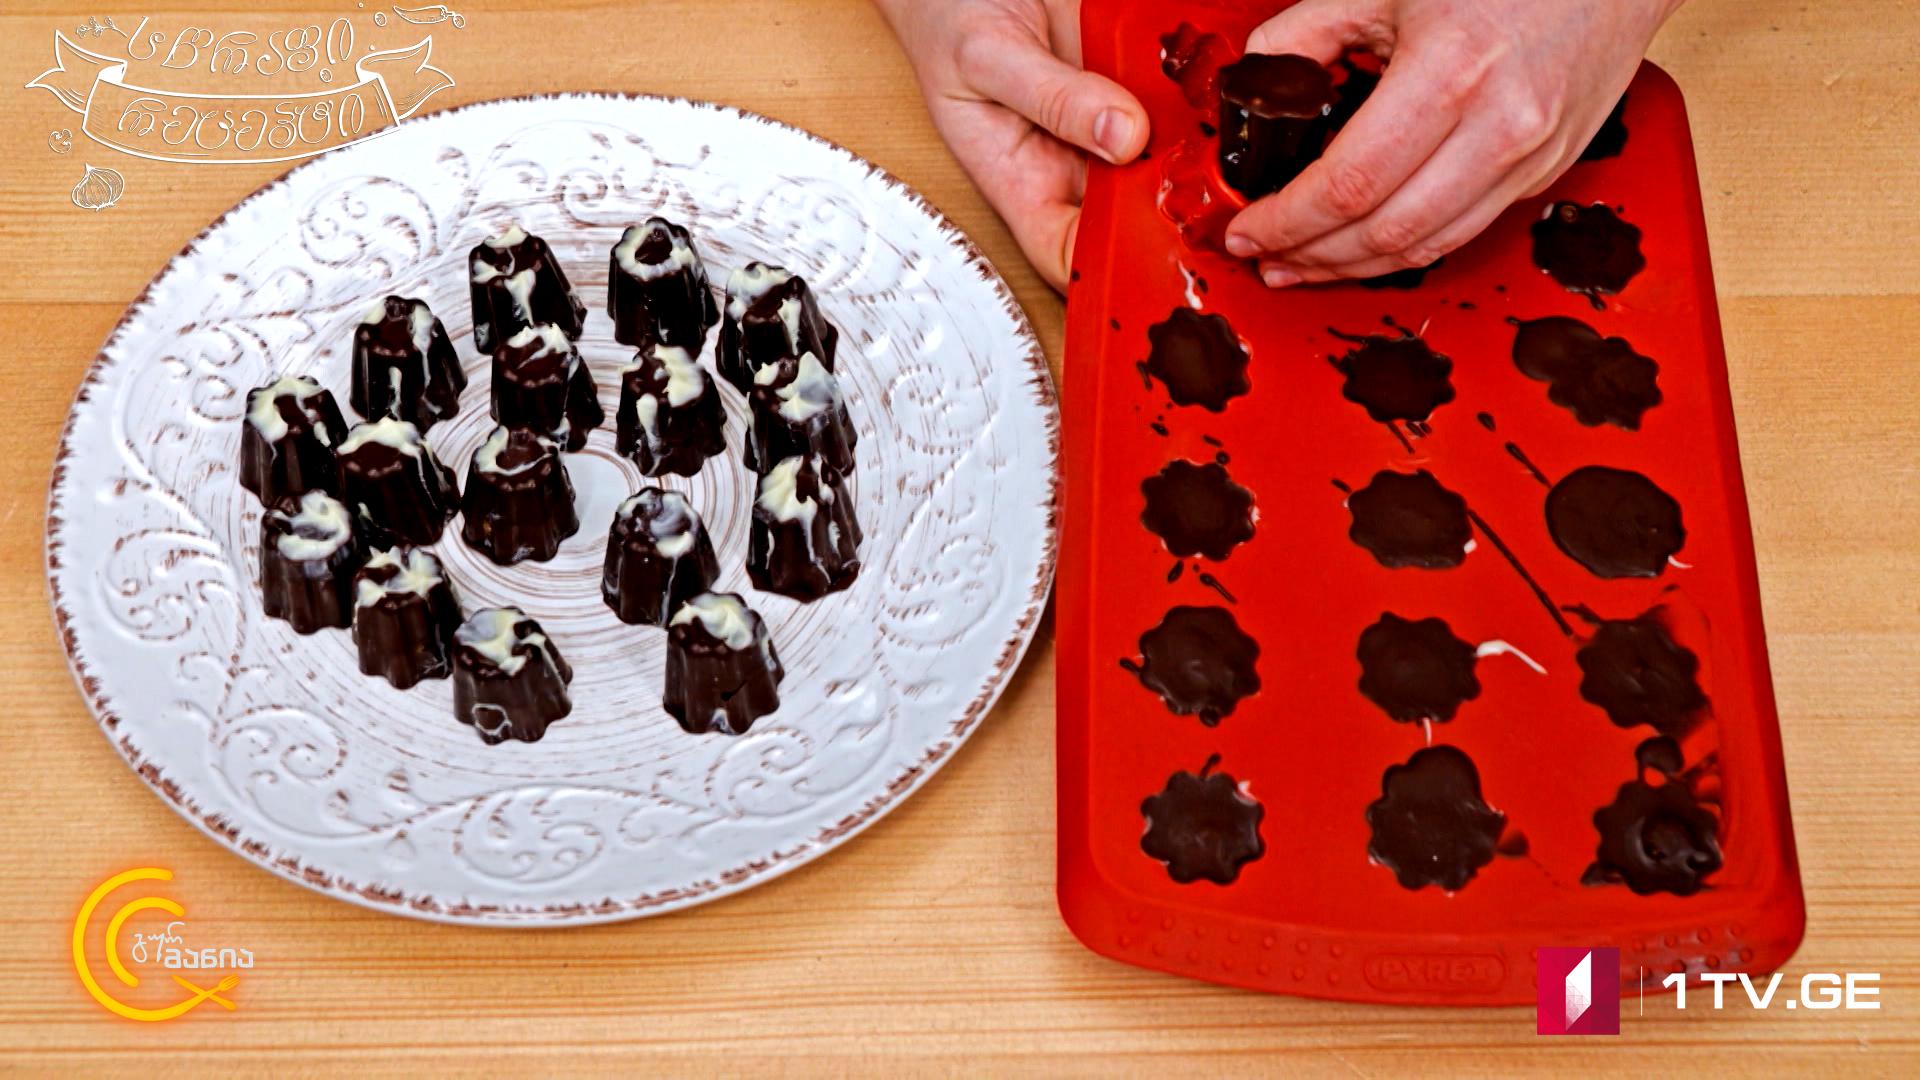 #გურმანია სახლში მომზადებული შოკოლადის კანფეტი